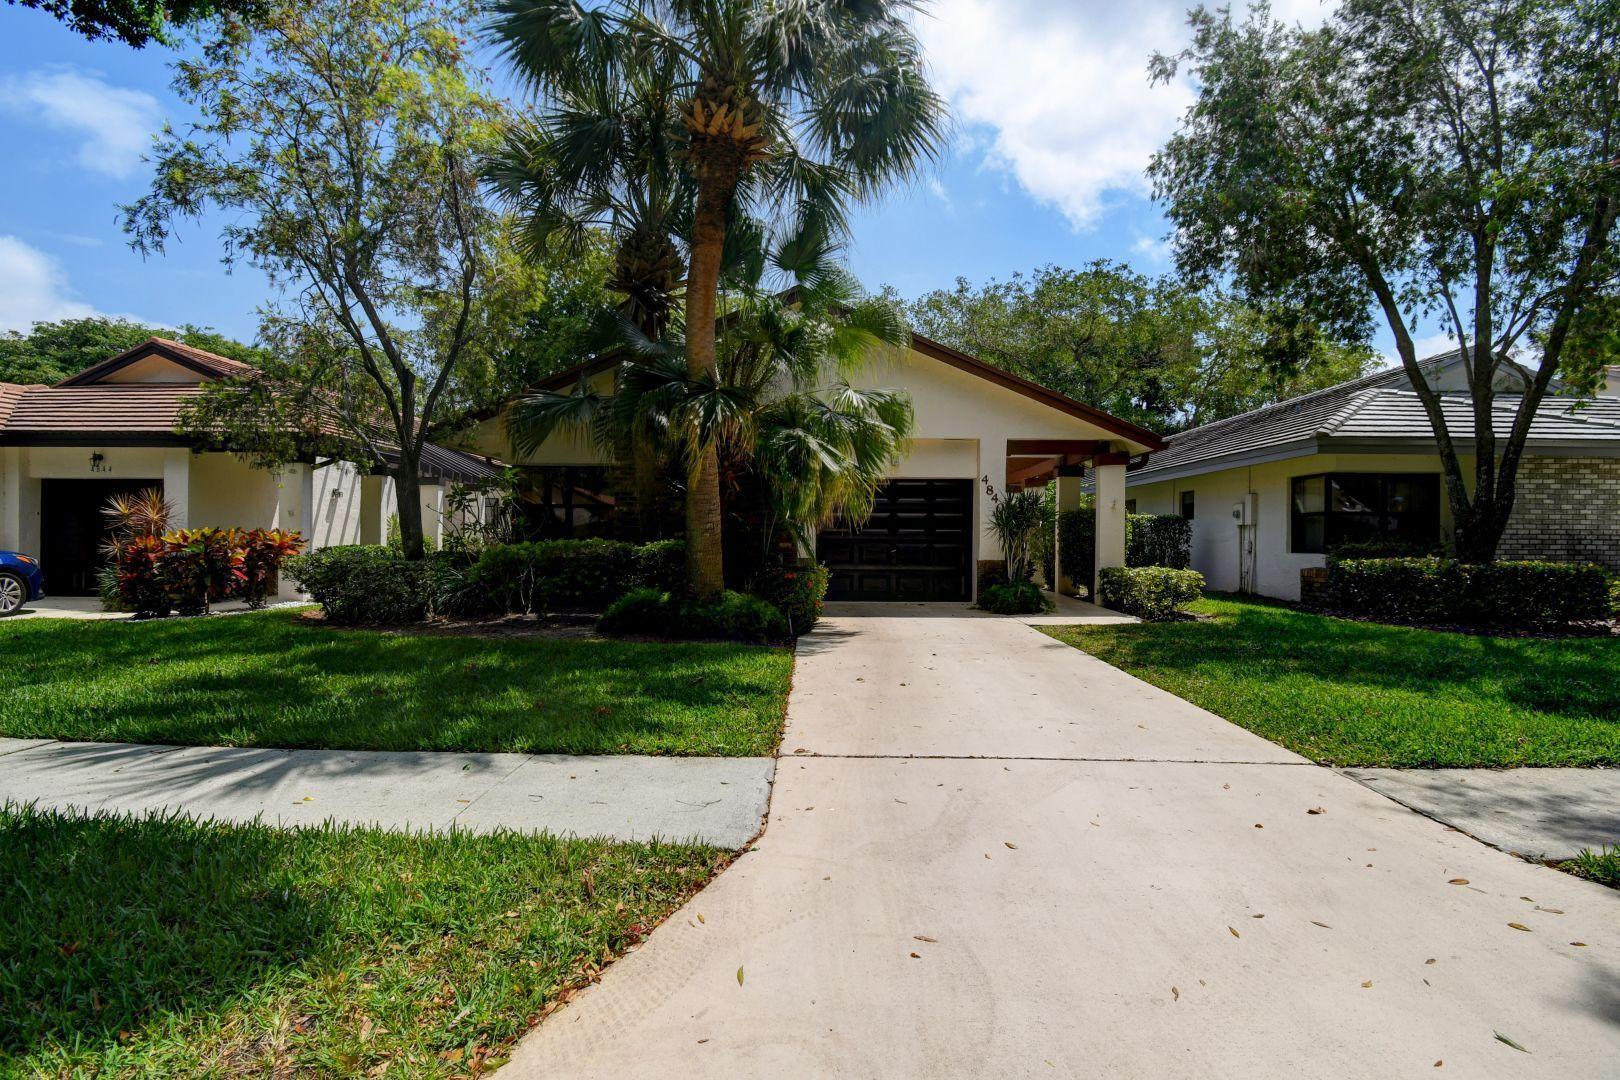 Home for sale in Fairmont Place Boynton Beach Florida